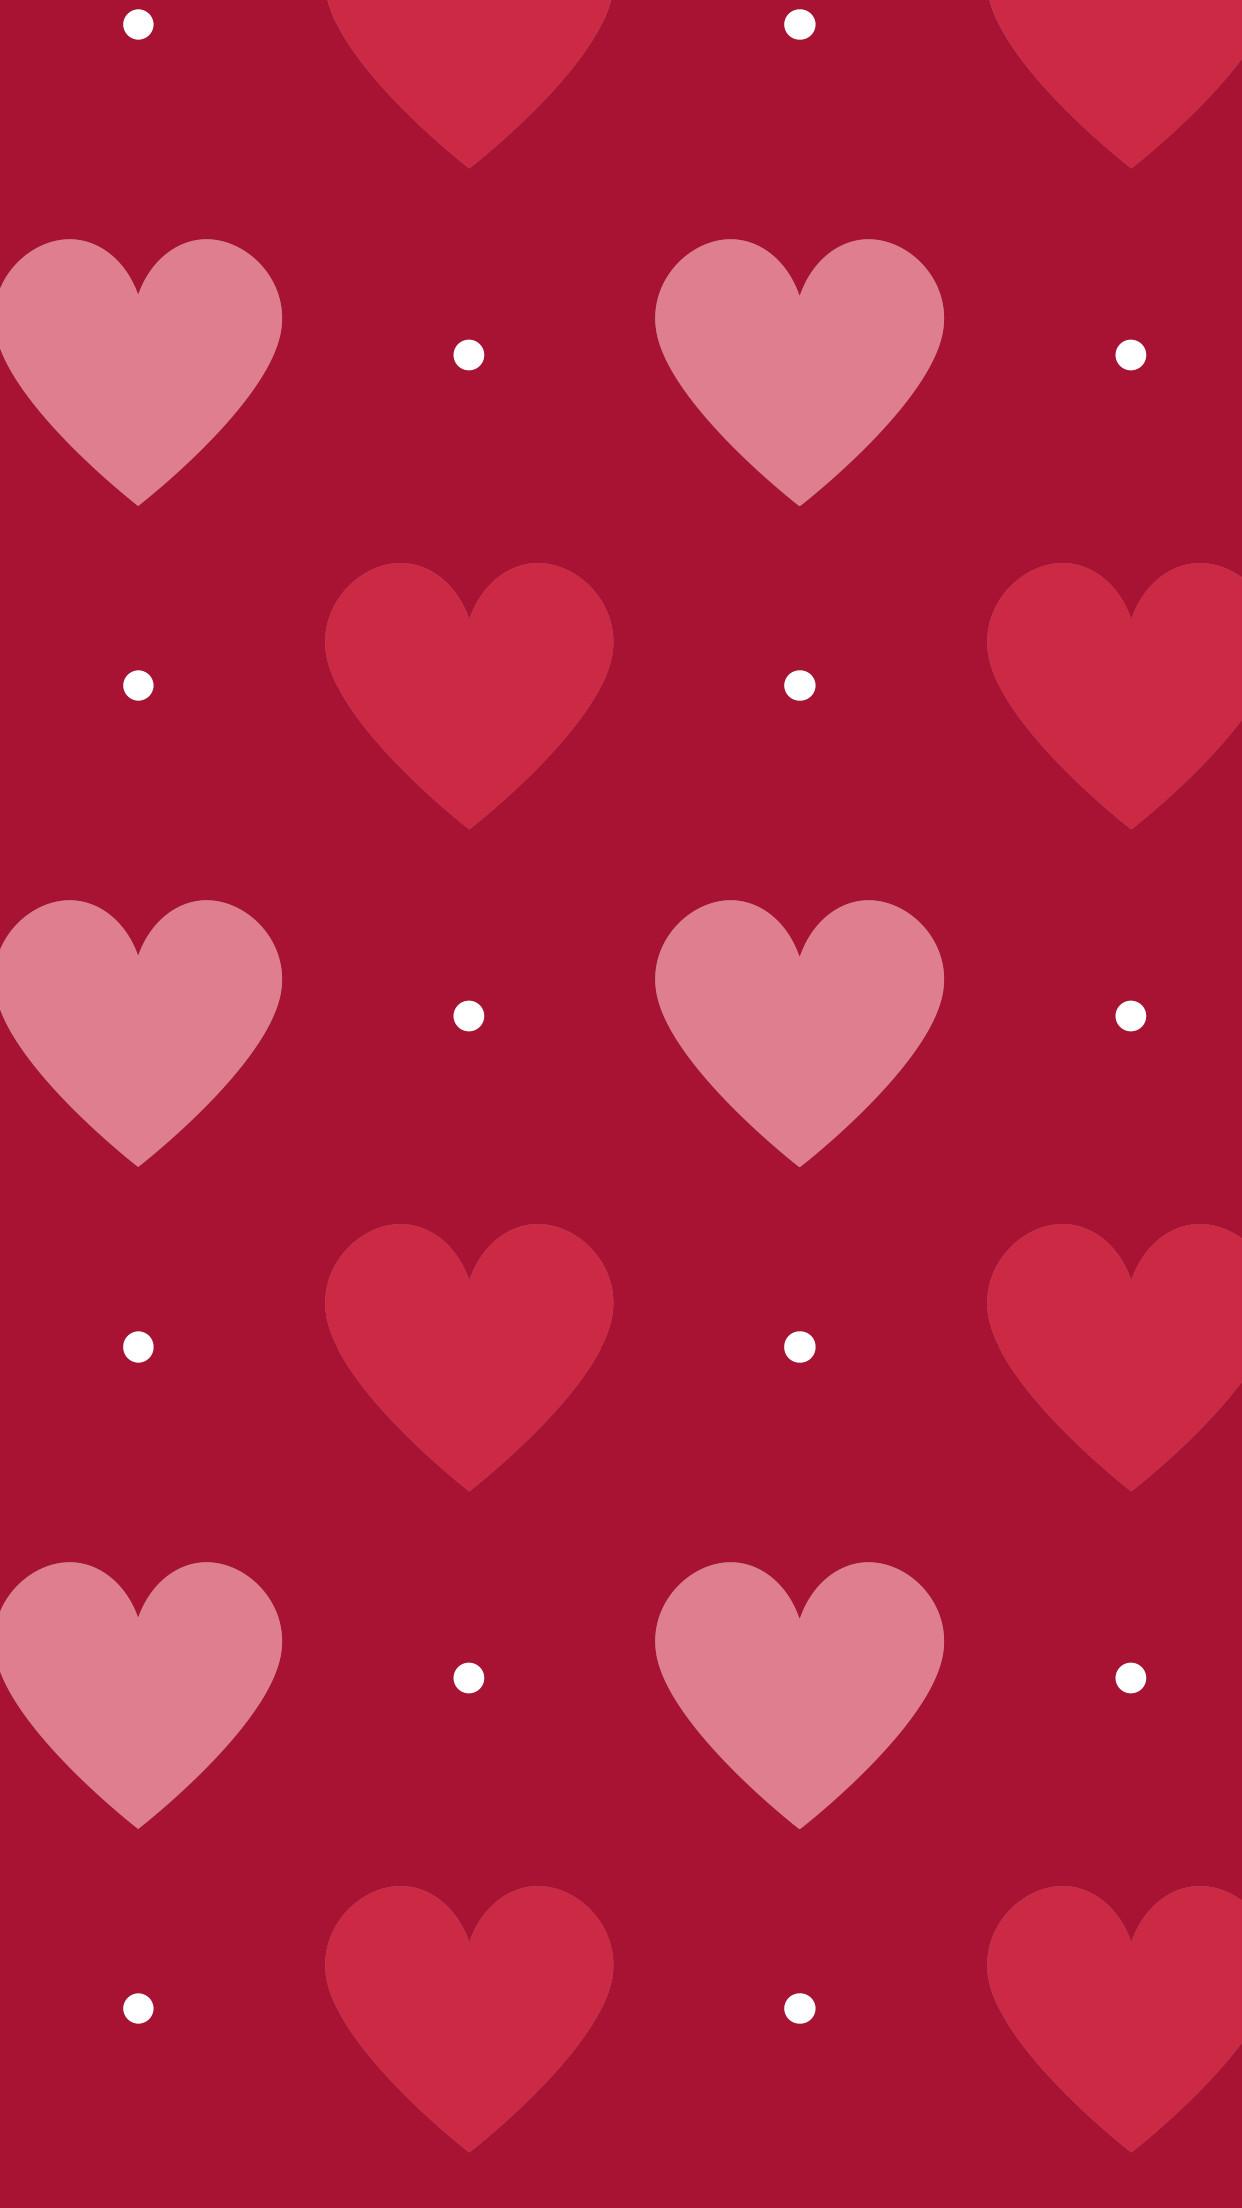 нужны обои на телефон сердечко на розовом фоне качестве декора здесь